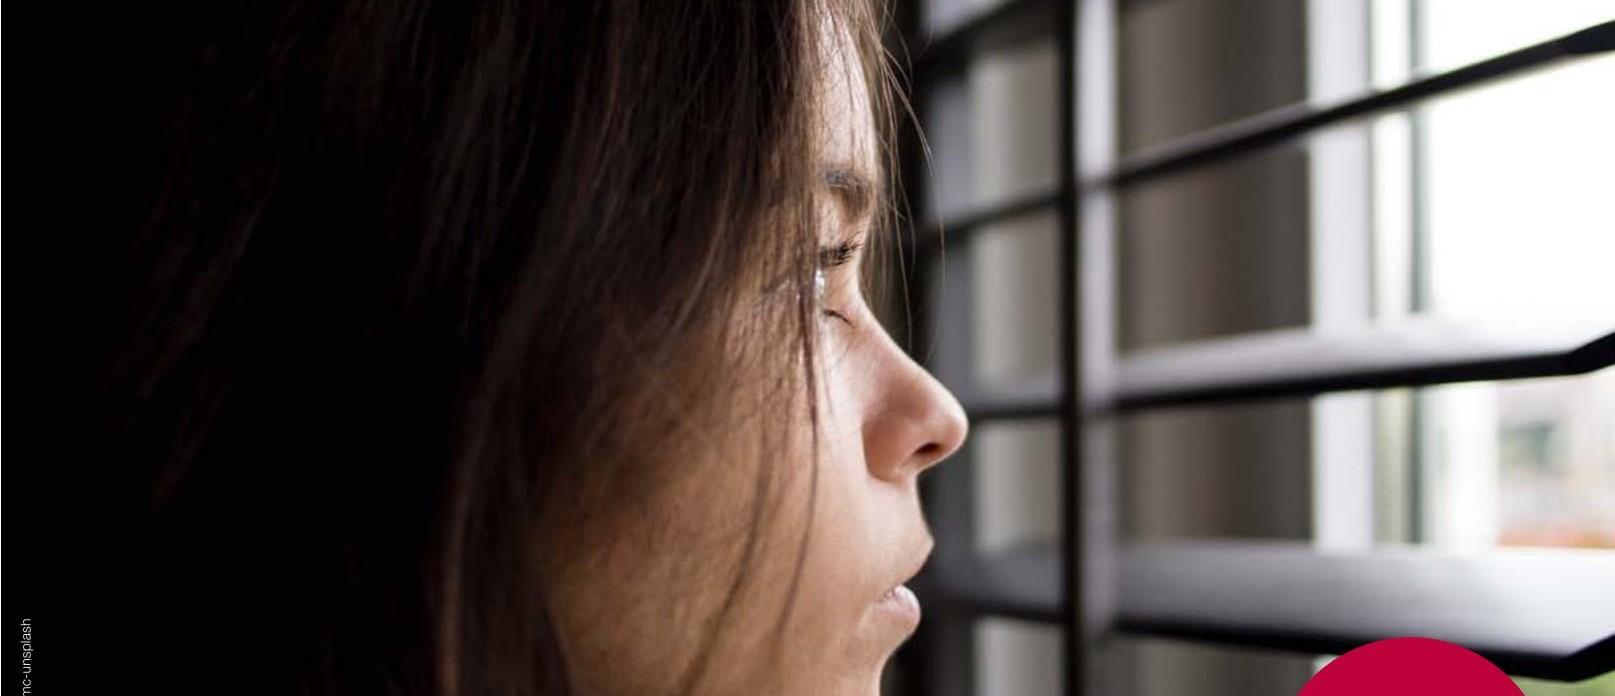 Menschenhandel: Kongress verschoben – die Not der Frauen nicht